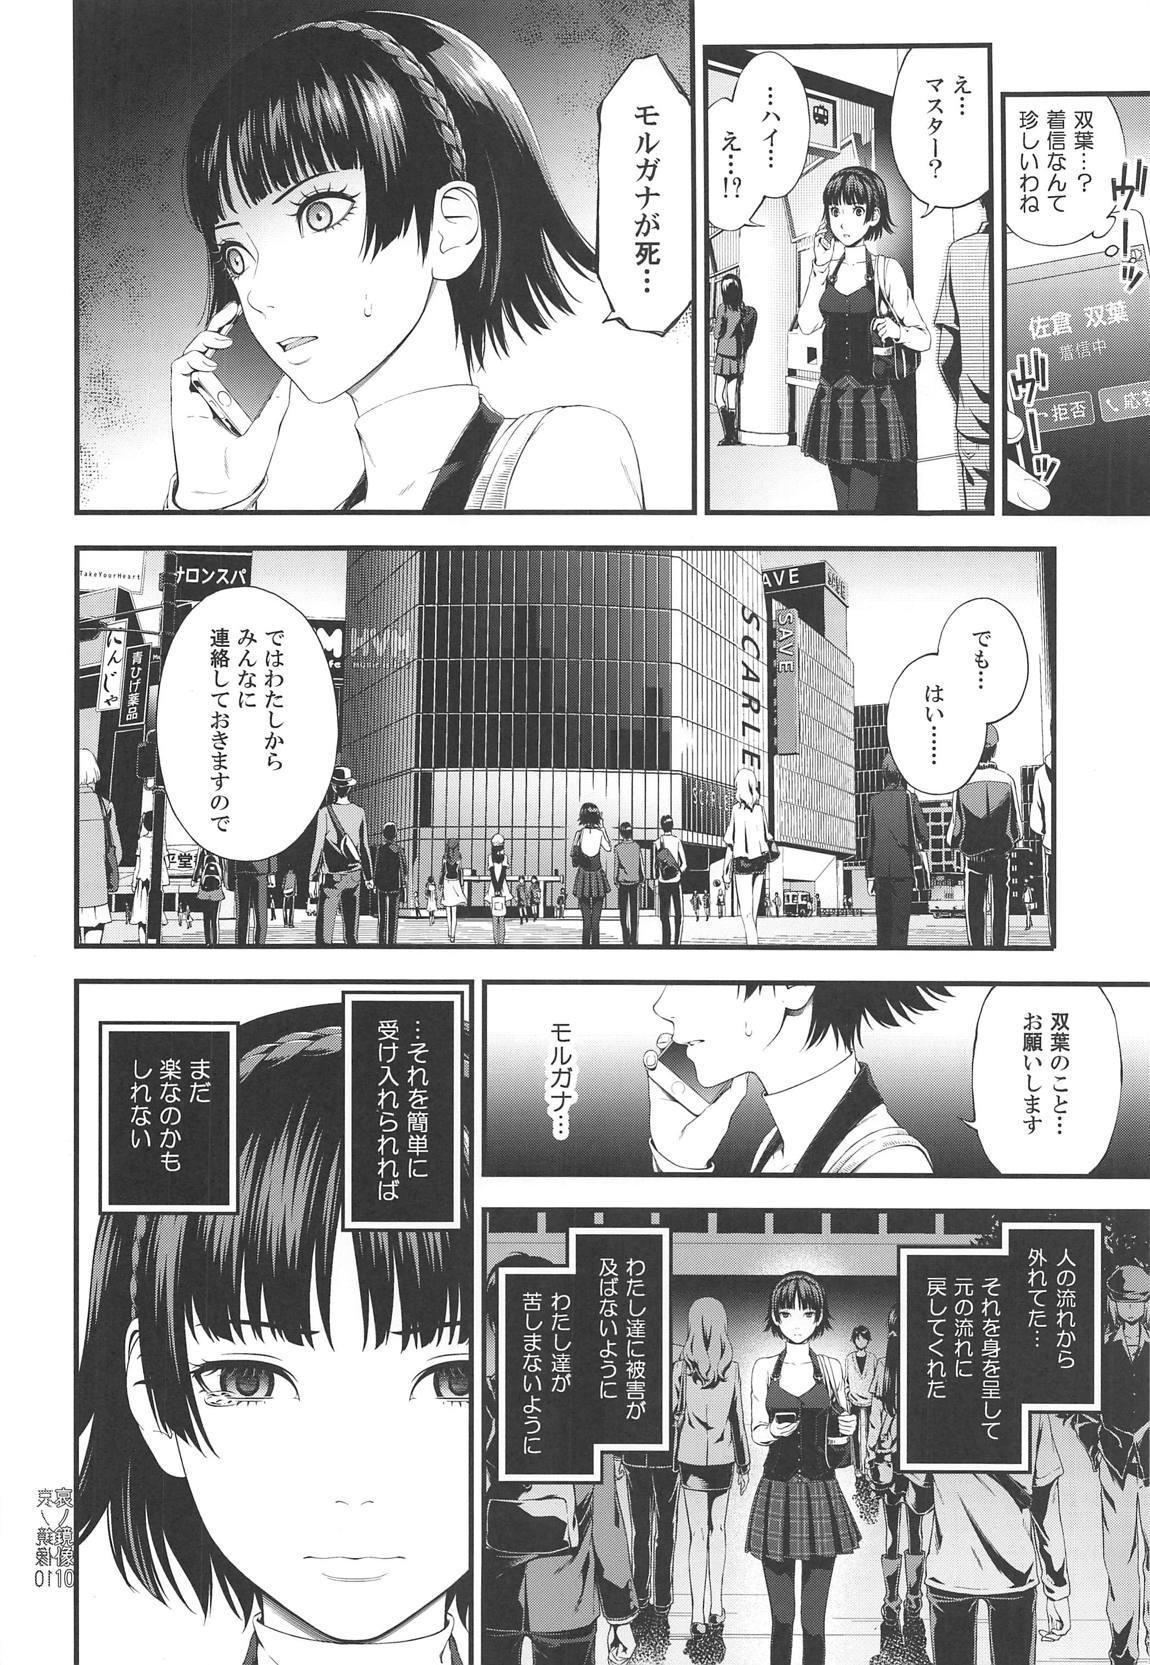 Ai no Kyouzou 8